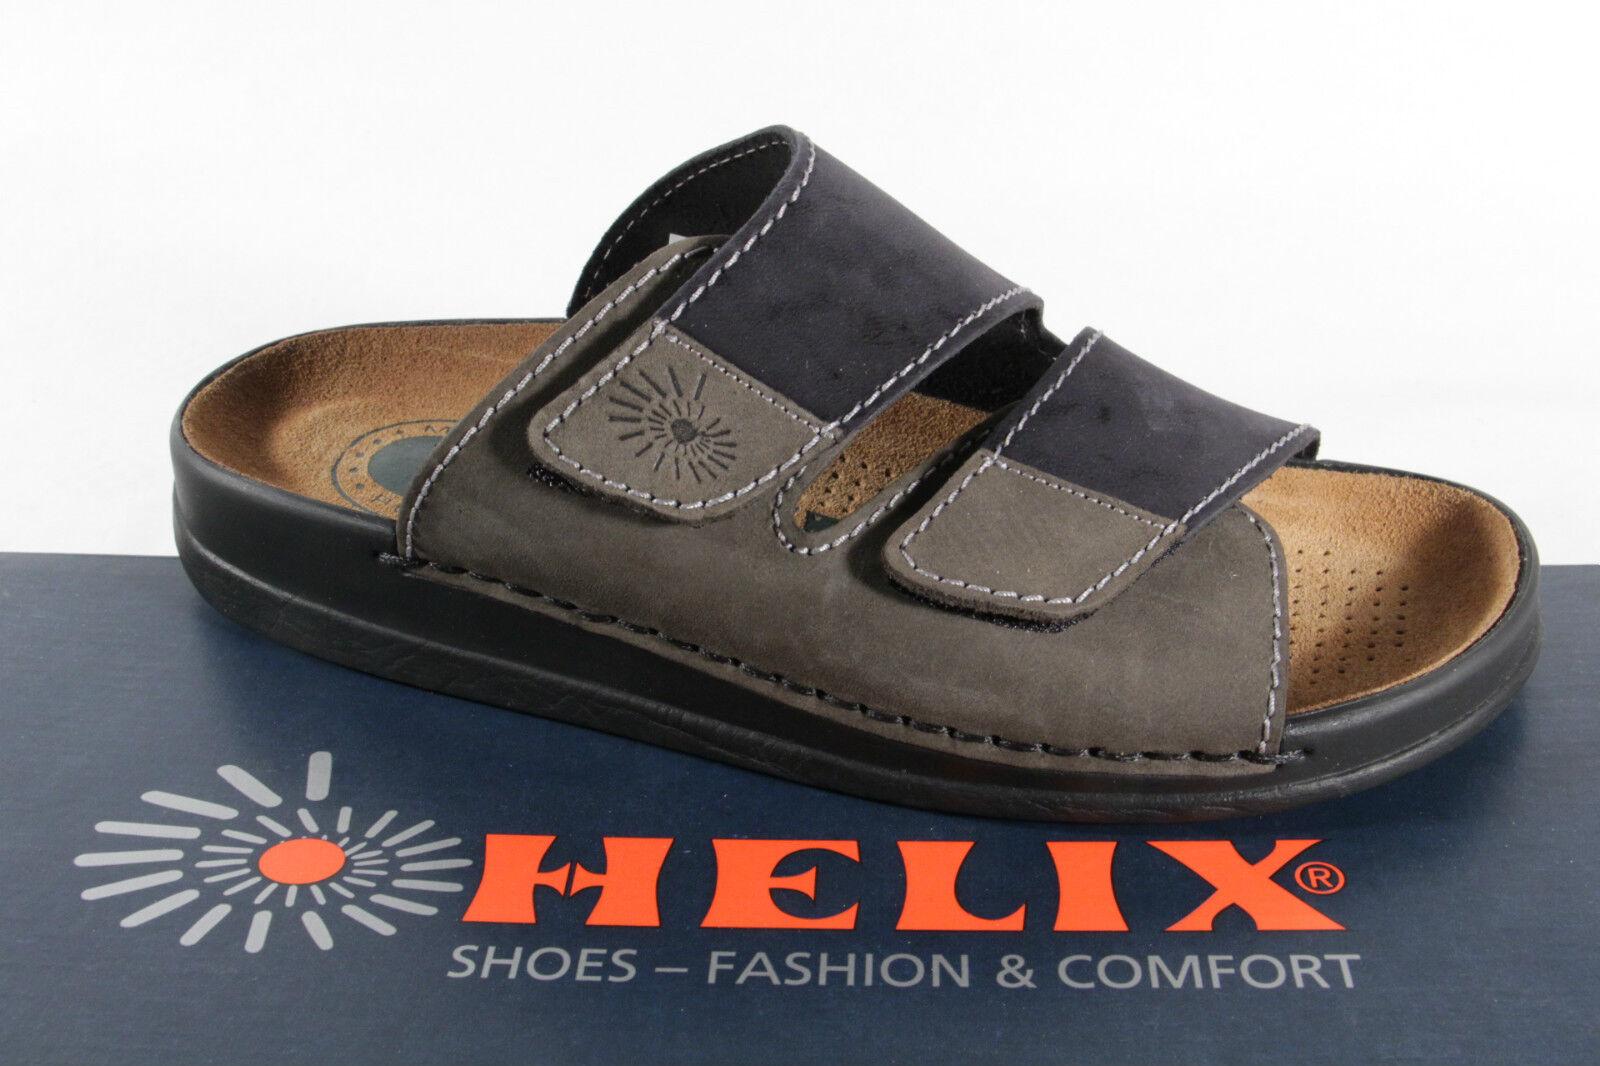 Helix Herren Pantoletten Clogs Pantolette Pantoffel schwarz/grau  54131 Leder